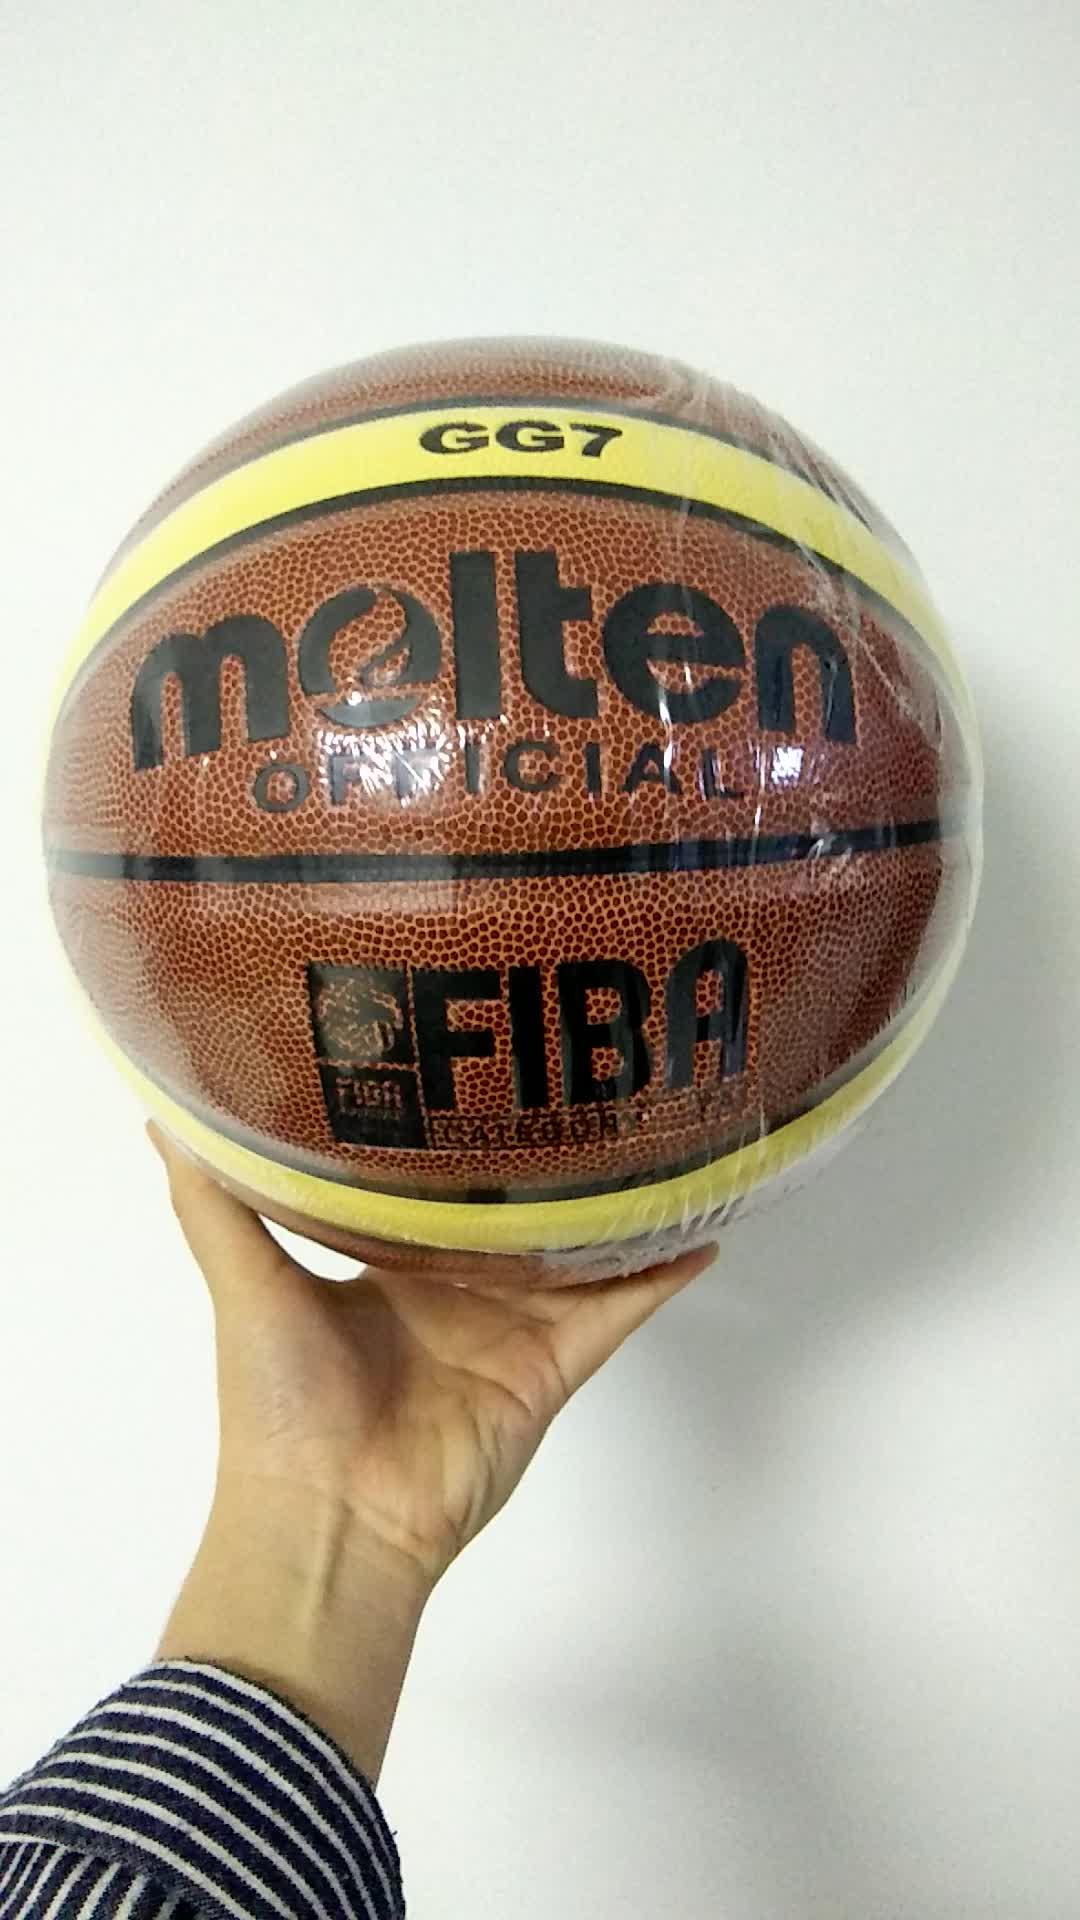 ขายส่ง PU หนัง baloncesto ขนาด 7 professional match Basquete Custom โลโก้บาสเกตบอล